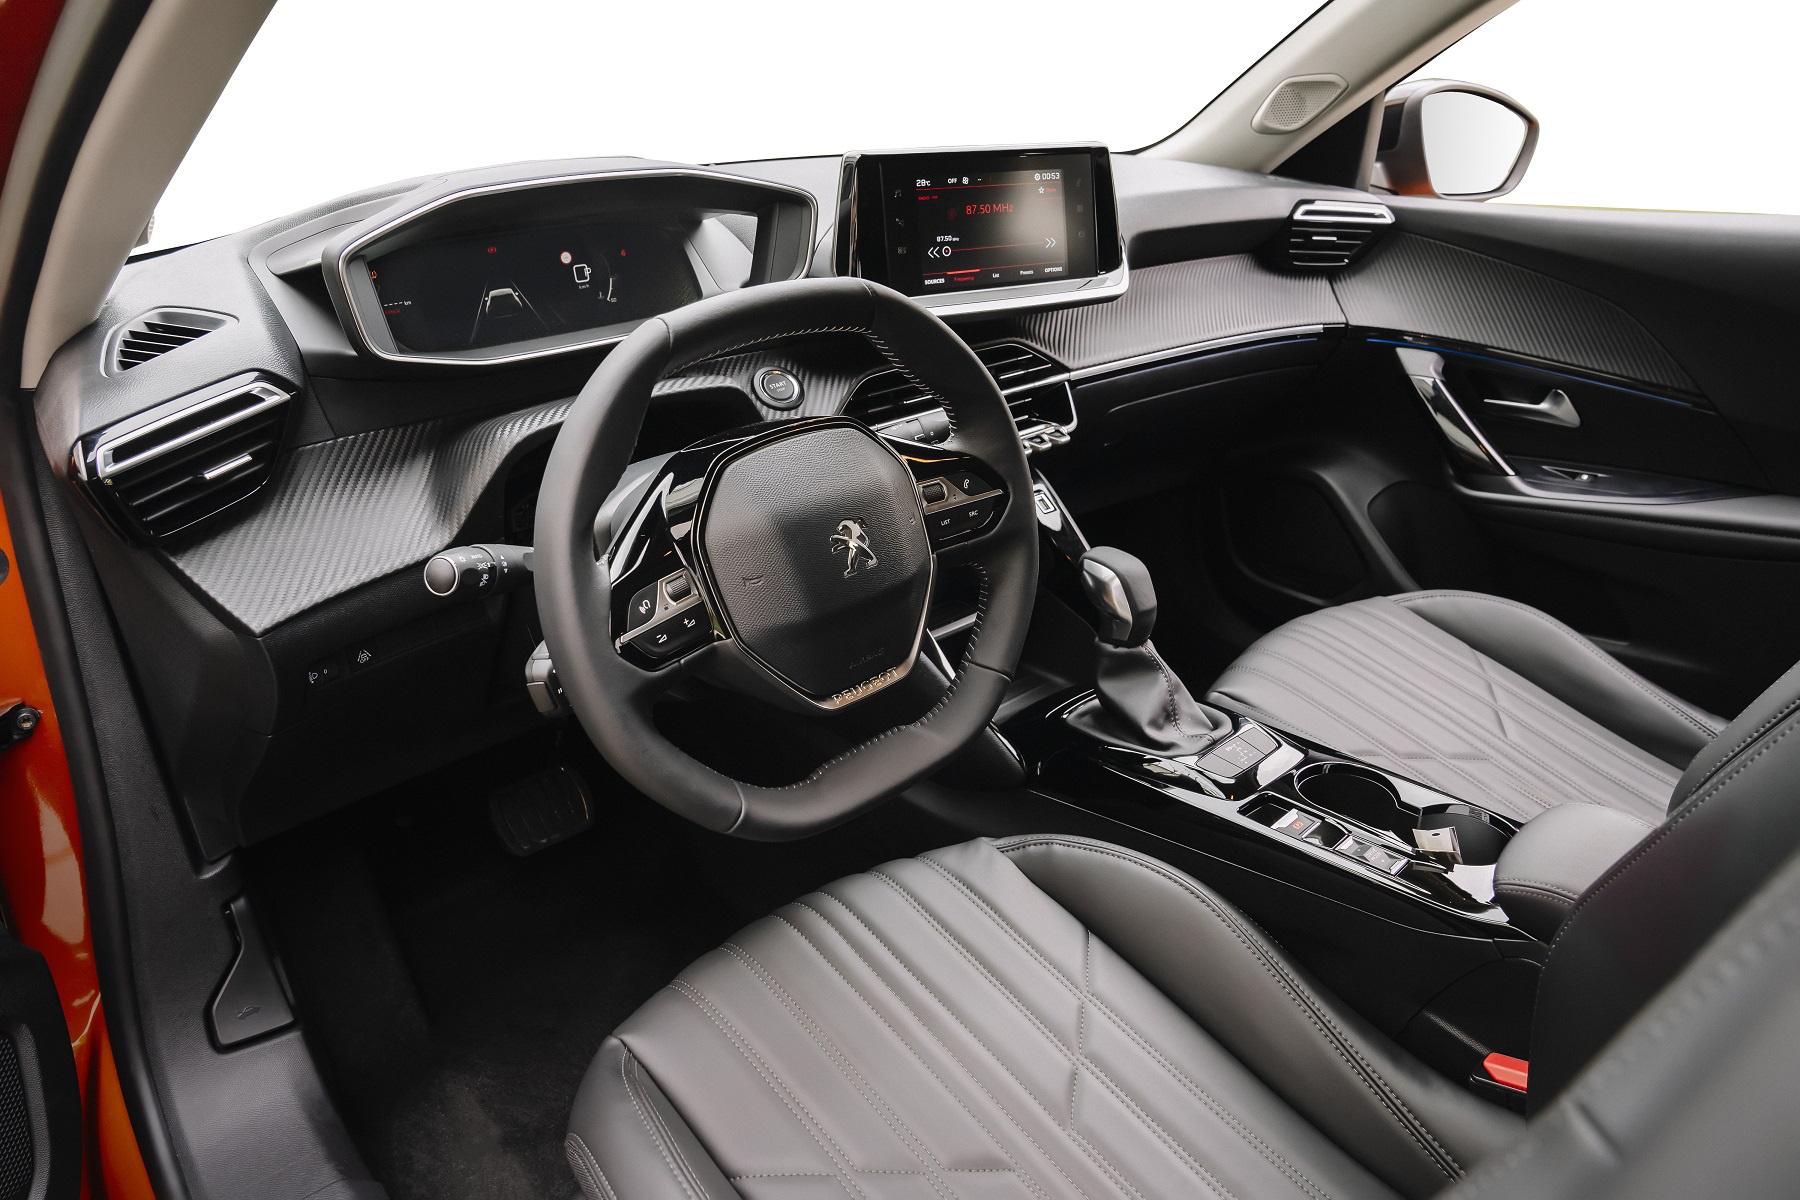 Hệ thống hỗ trợ lái xe ADAS trên Peugeot 2008 có gì đặc biệt? - Ảnh 6.